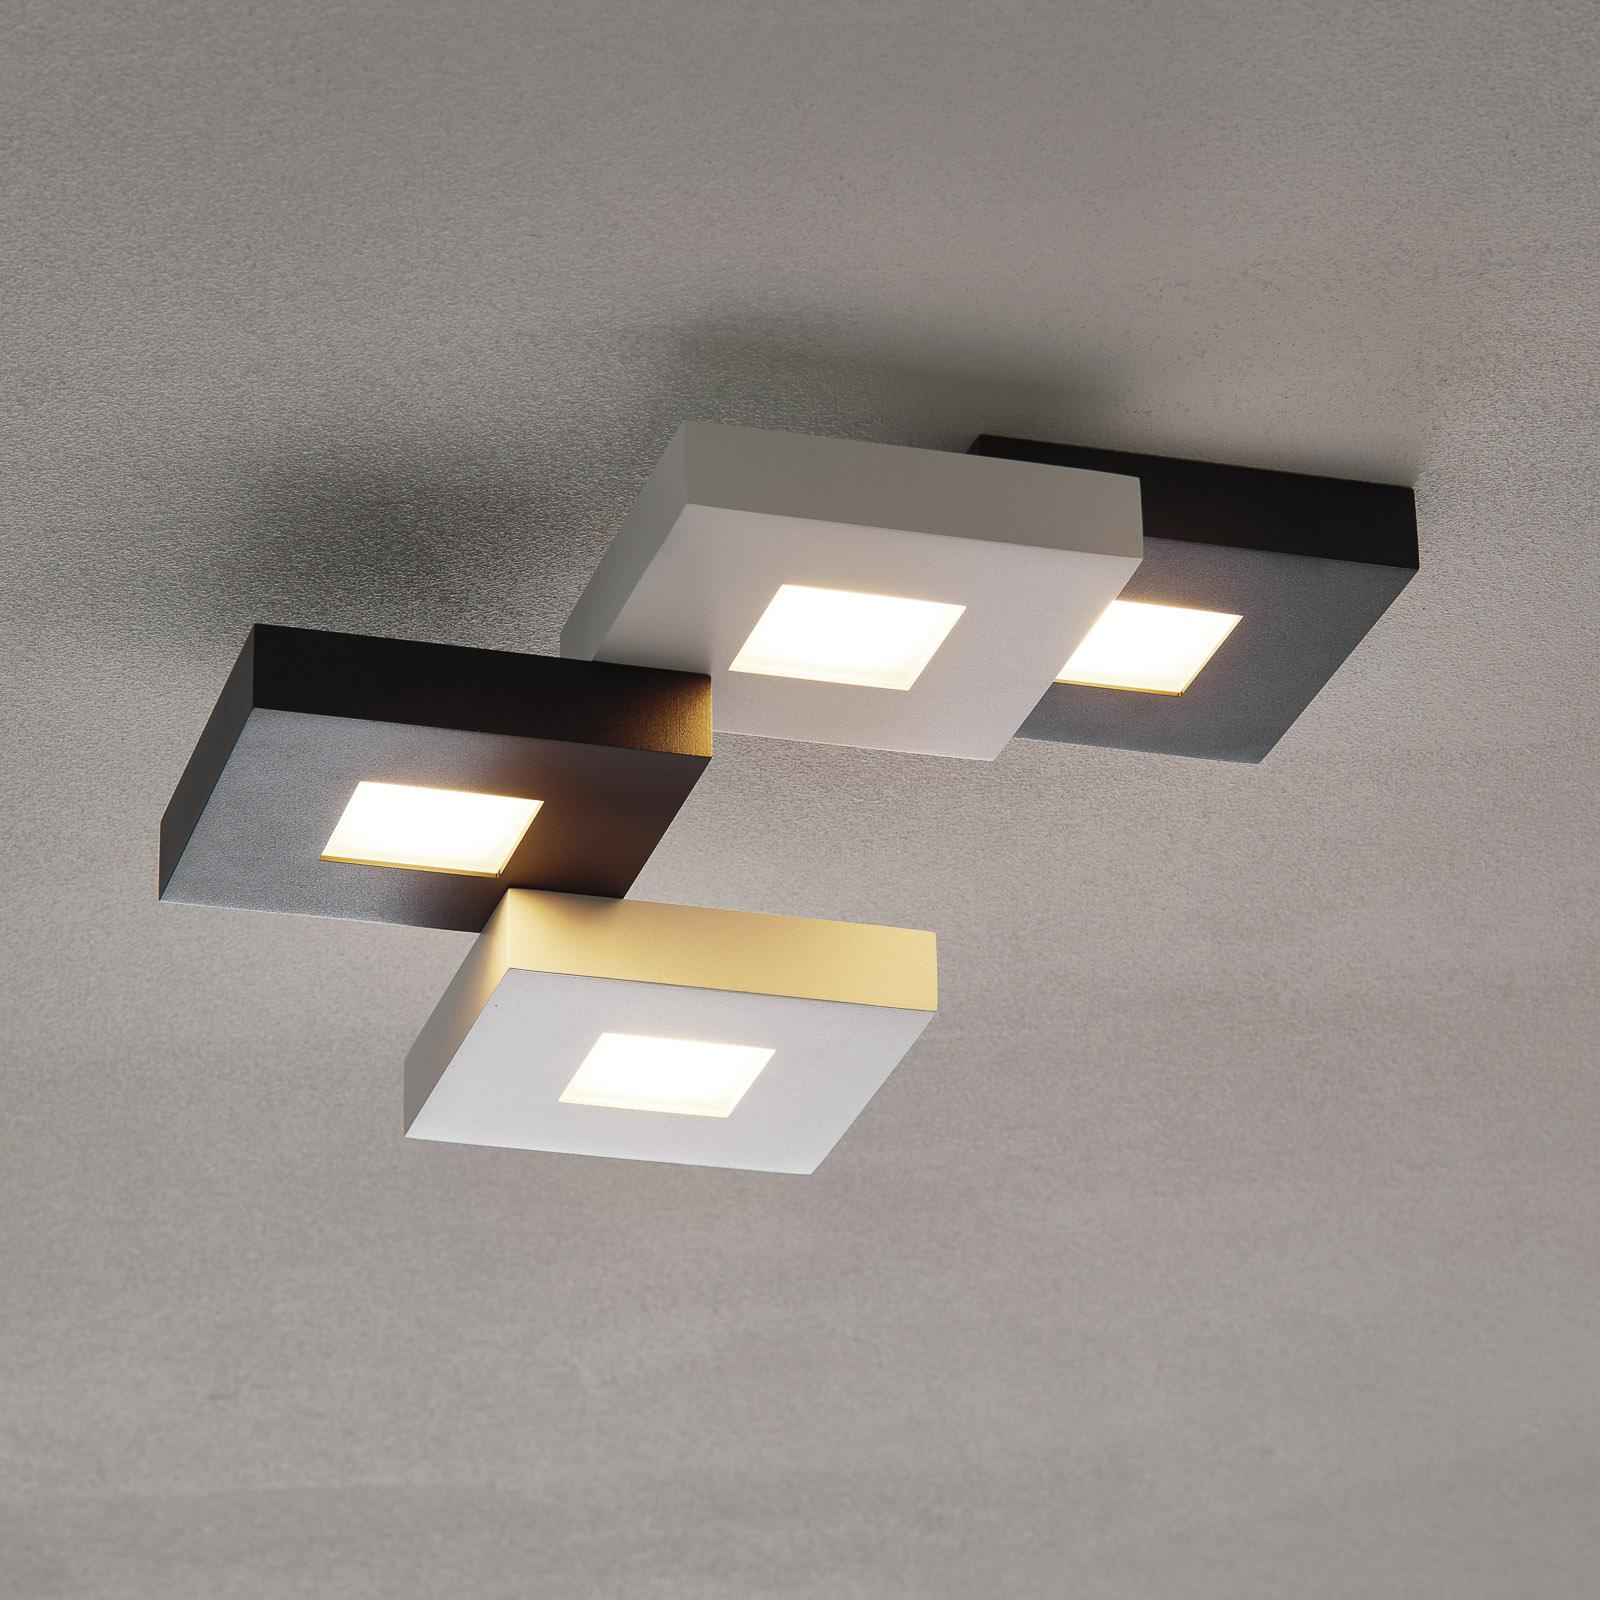 Cubus - LED-taklampe i svart-hvit, 4 lys